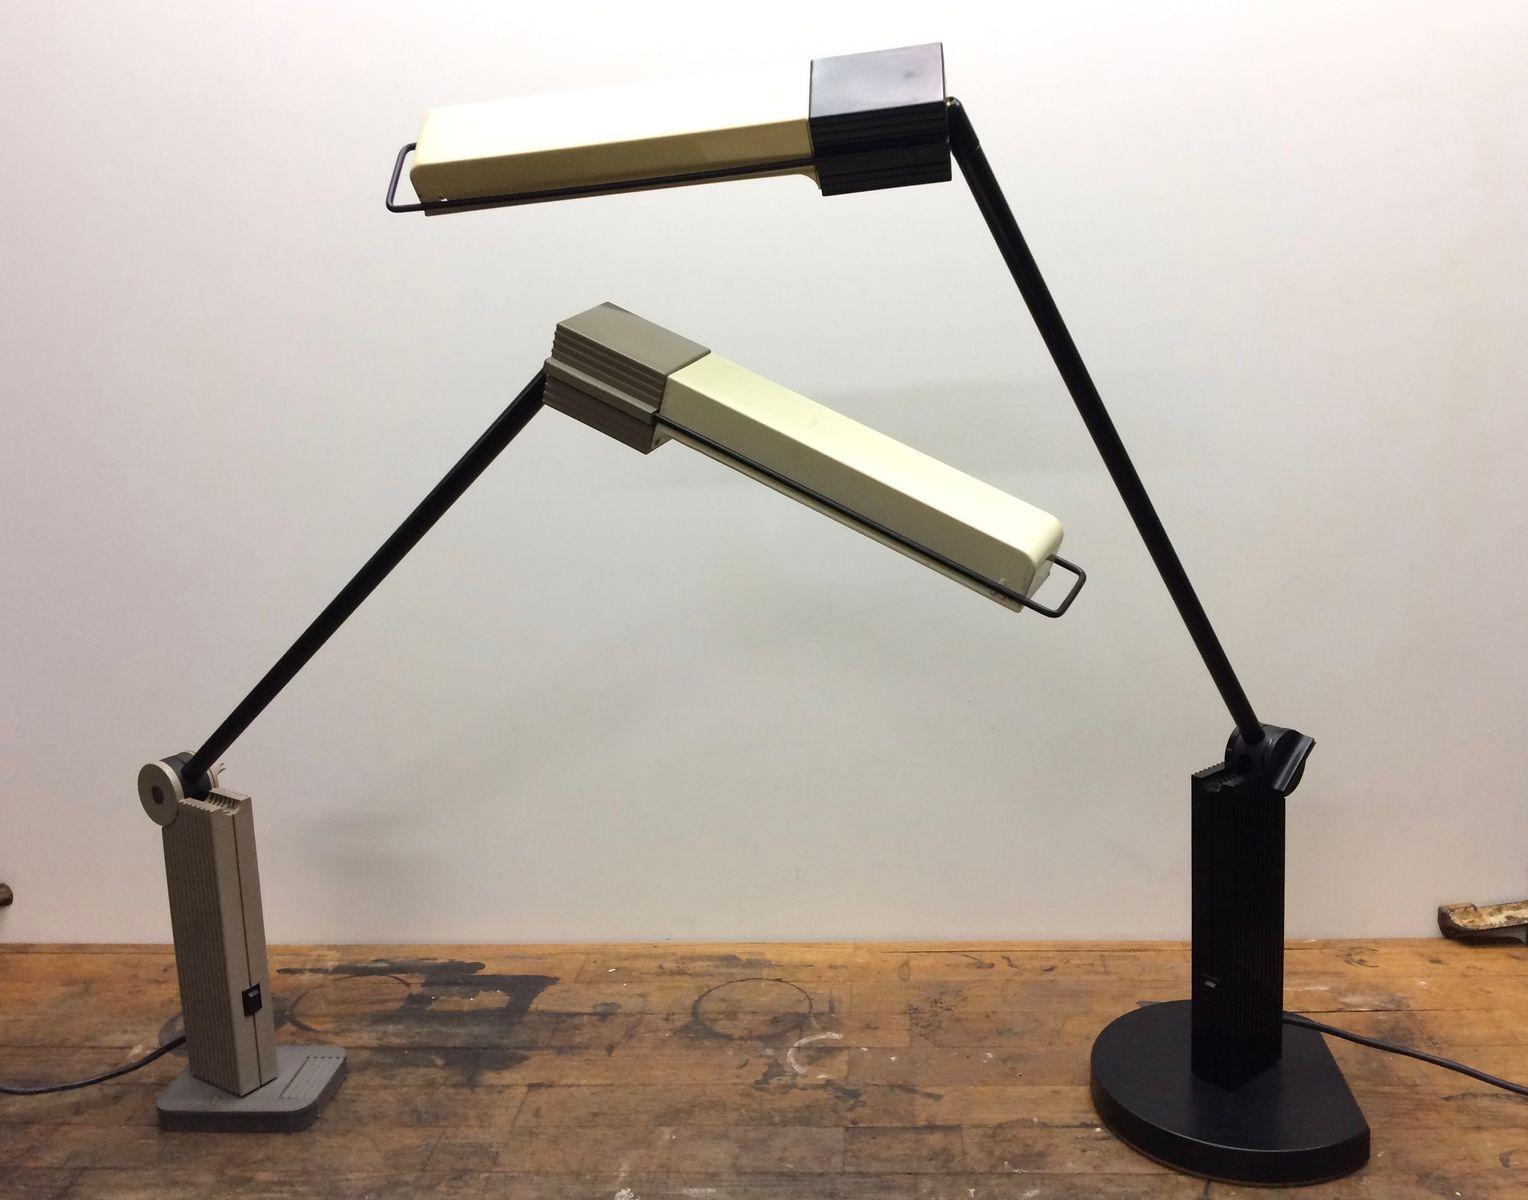 schreibtischlampe von ernesto gismondi f r artemide 1983 bei pamono kaufen. Black Bedroom Furniture Sets. Home Design Ideas